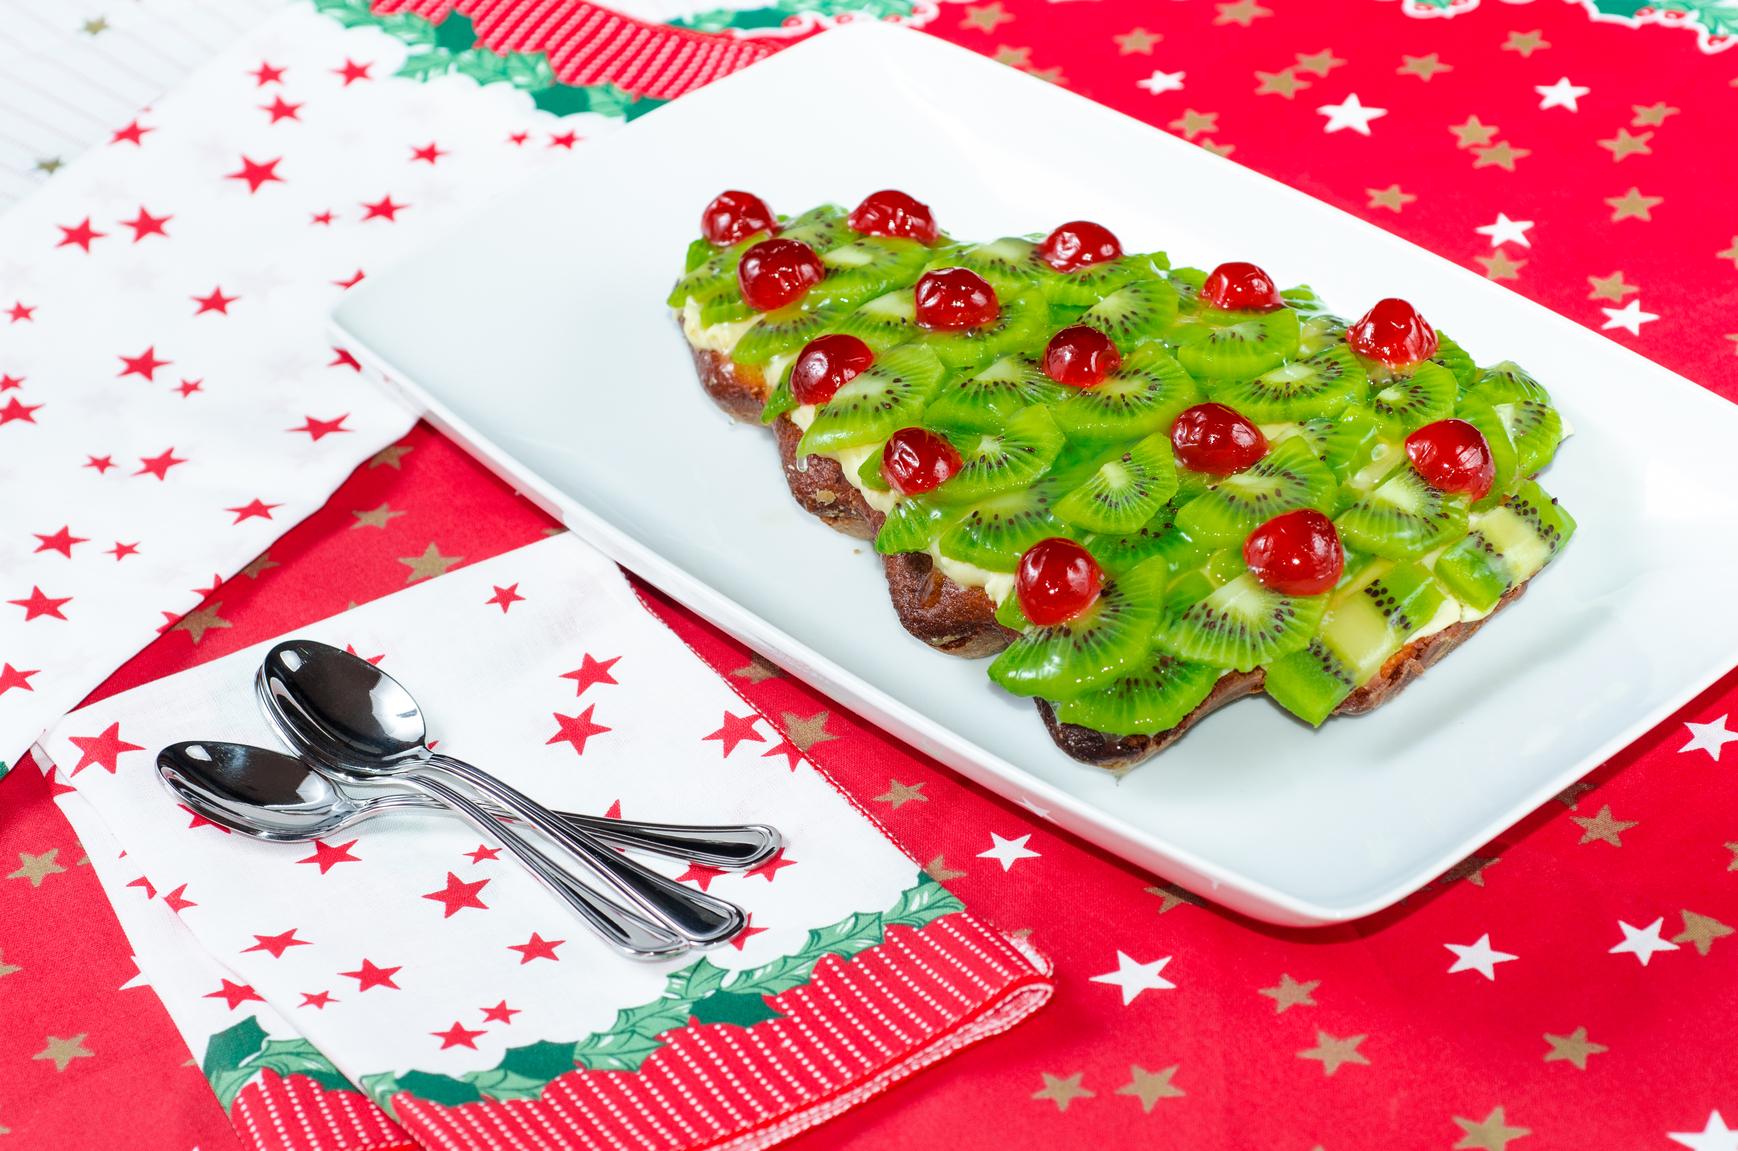 торт своими руками на новый год рецепты